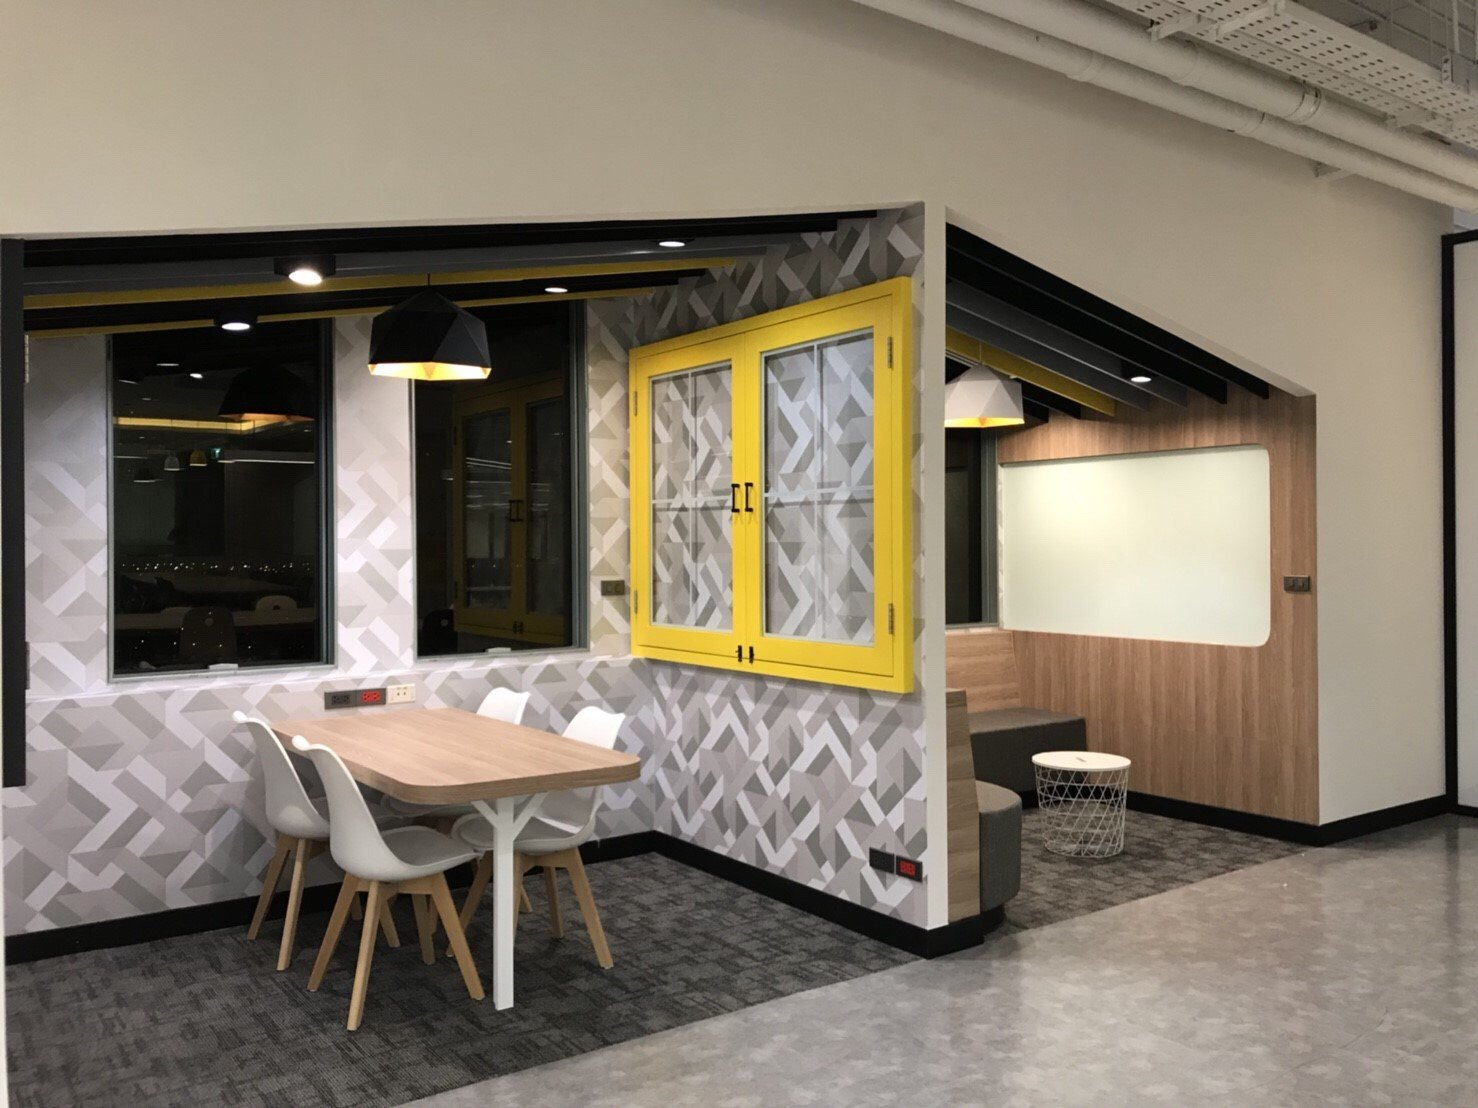 """ออฟฟิศแนวคิดใหม่ สุดฮิปของชาวกรุงศรีฯ ในสไตล์ """"Co-Working Space ที่ให้งาน Finish แบบไม่ติดสตั้นท์"""" 16 - Bank"""